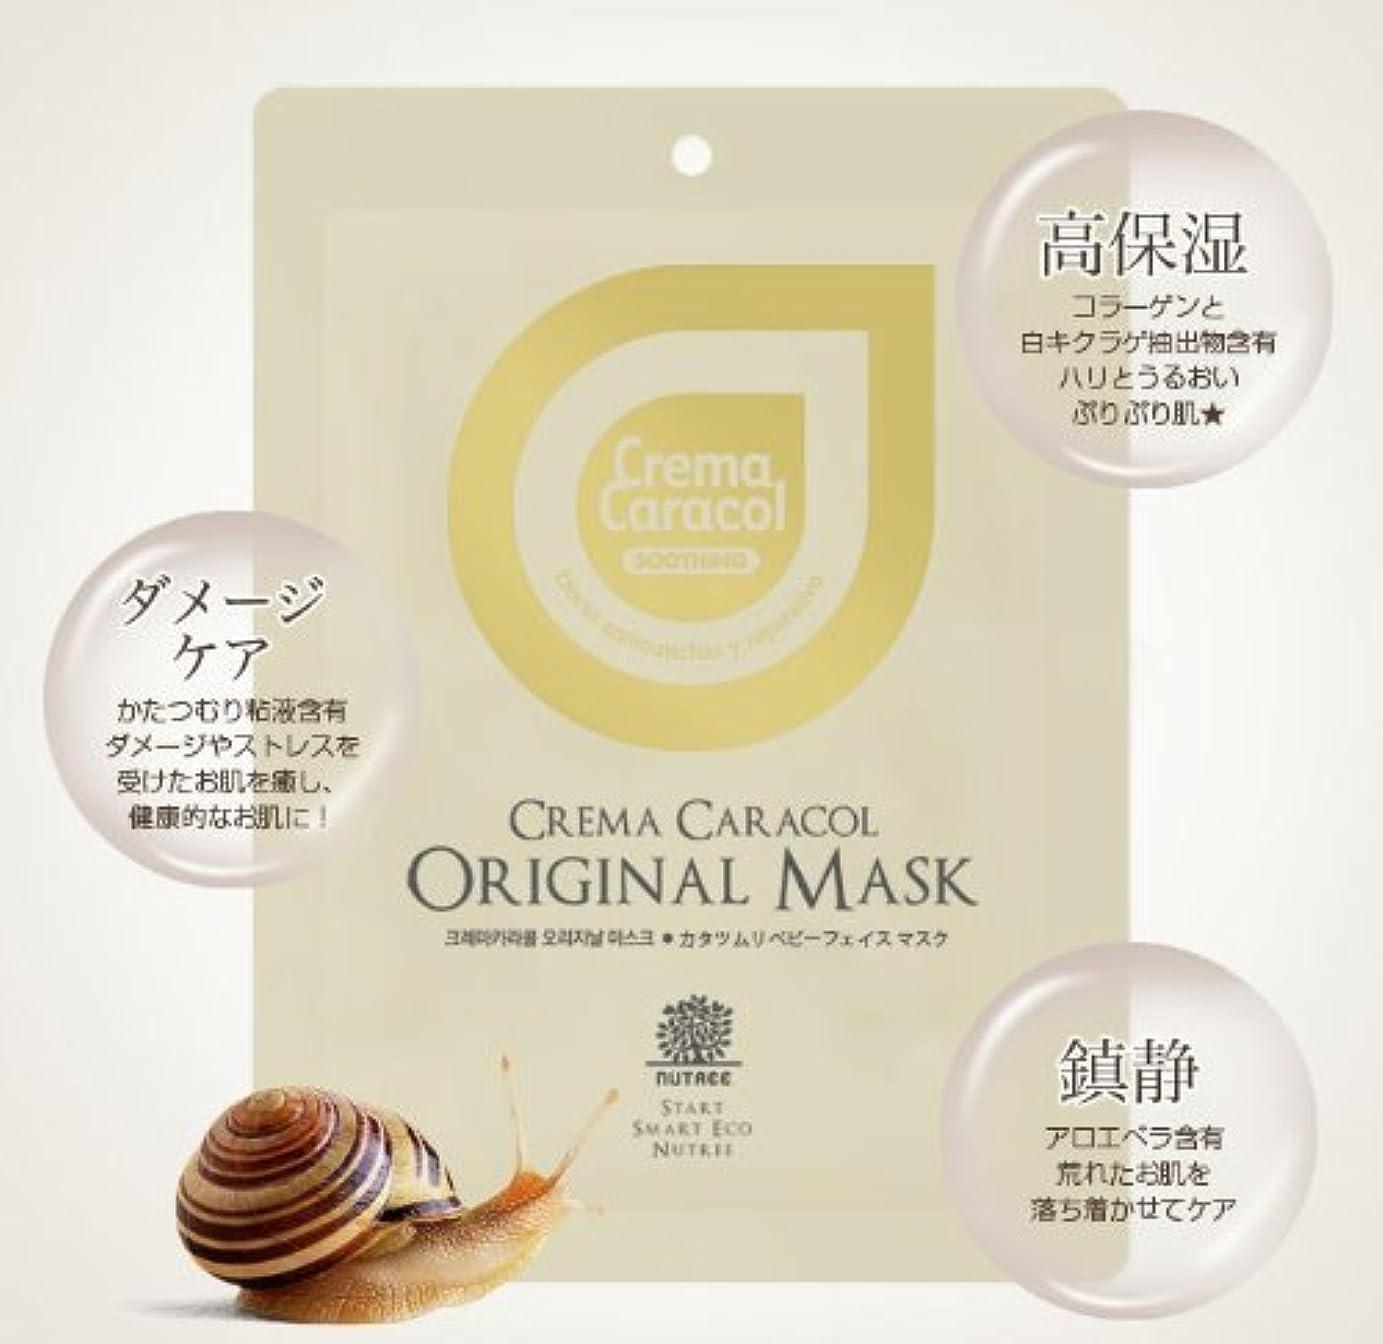 そっと人気のエキゾチックカタツムリ シートマスク 10+2枚 孜民耕 ジャミンギョン クレマカラコール (かたつむり) オリジナル フェイスマスク [並行輸入品]